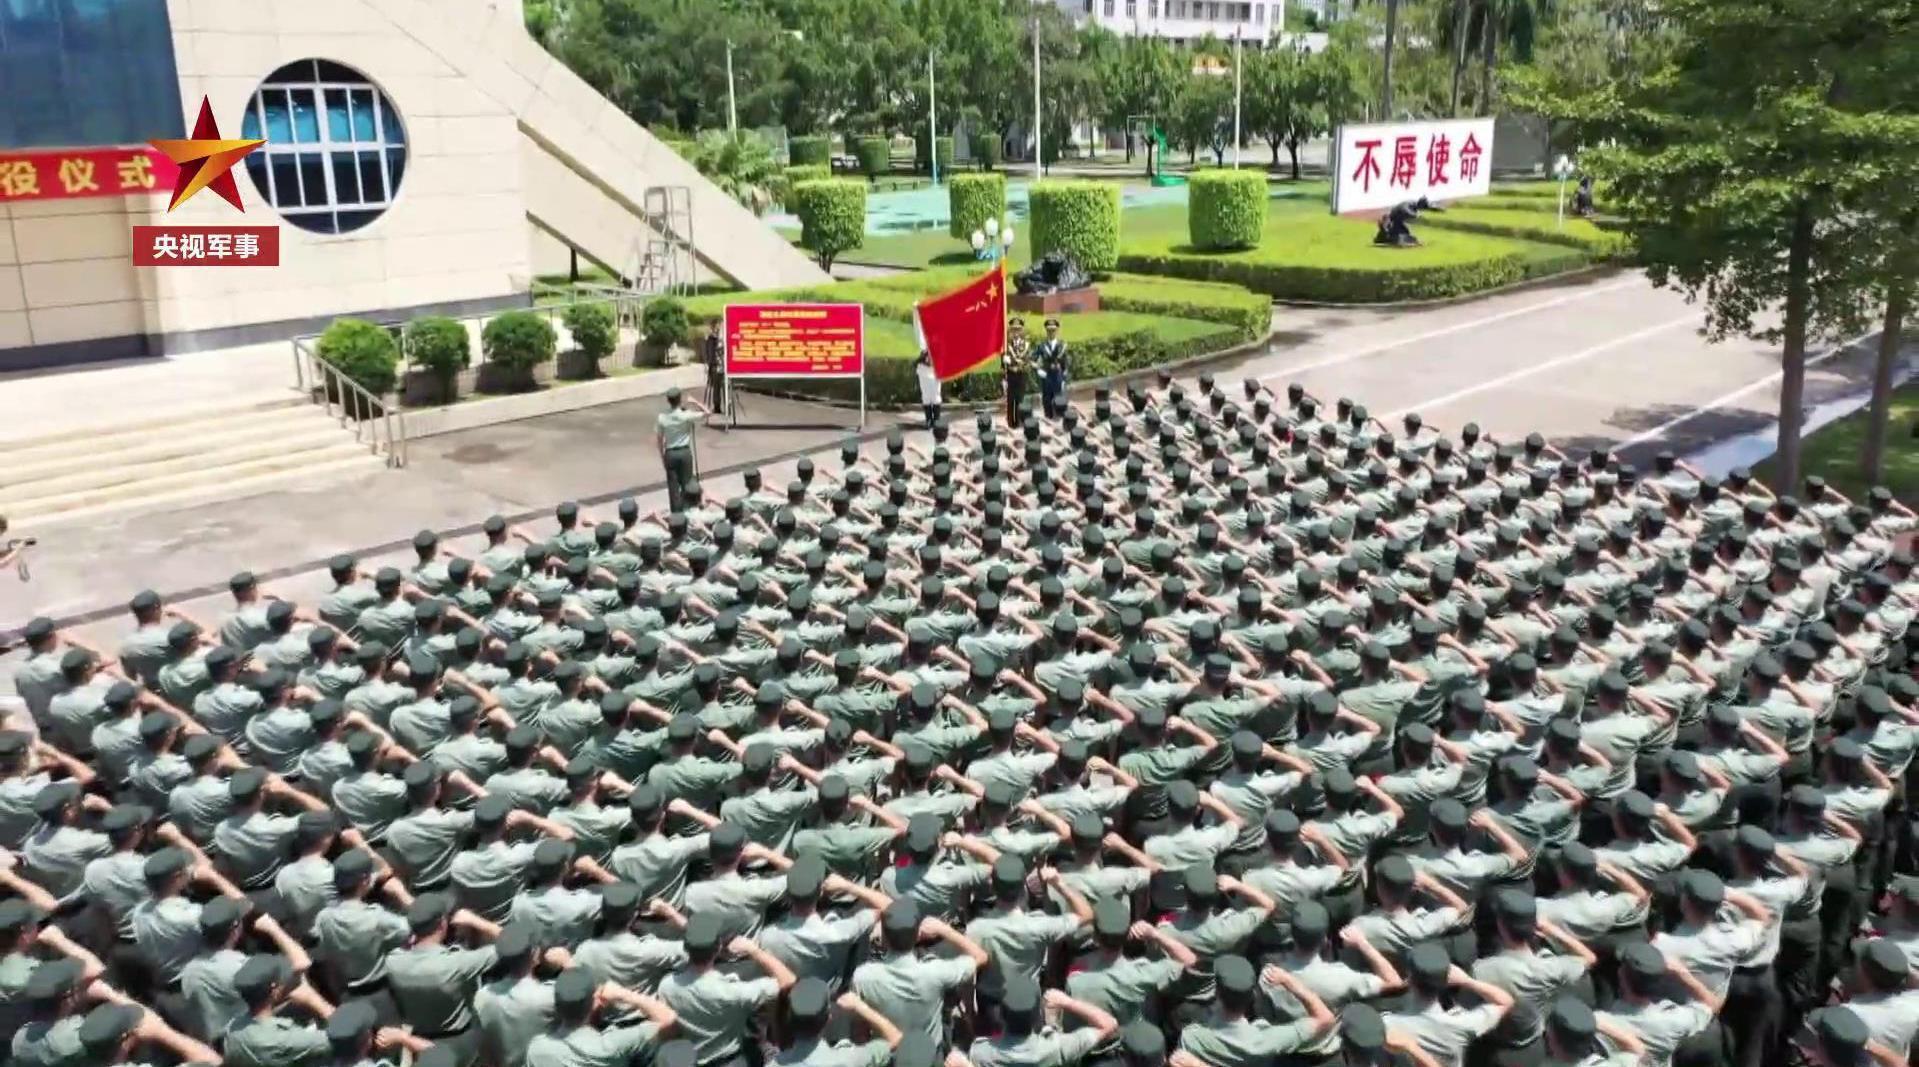 驻港部队退役老兵告别军旗